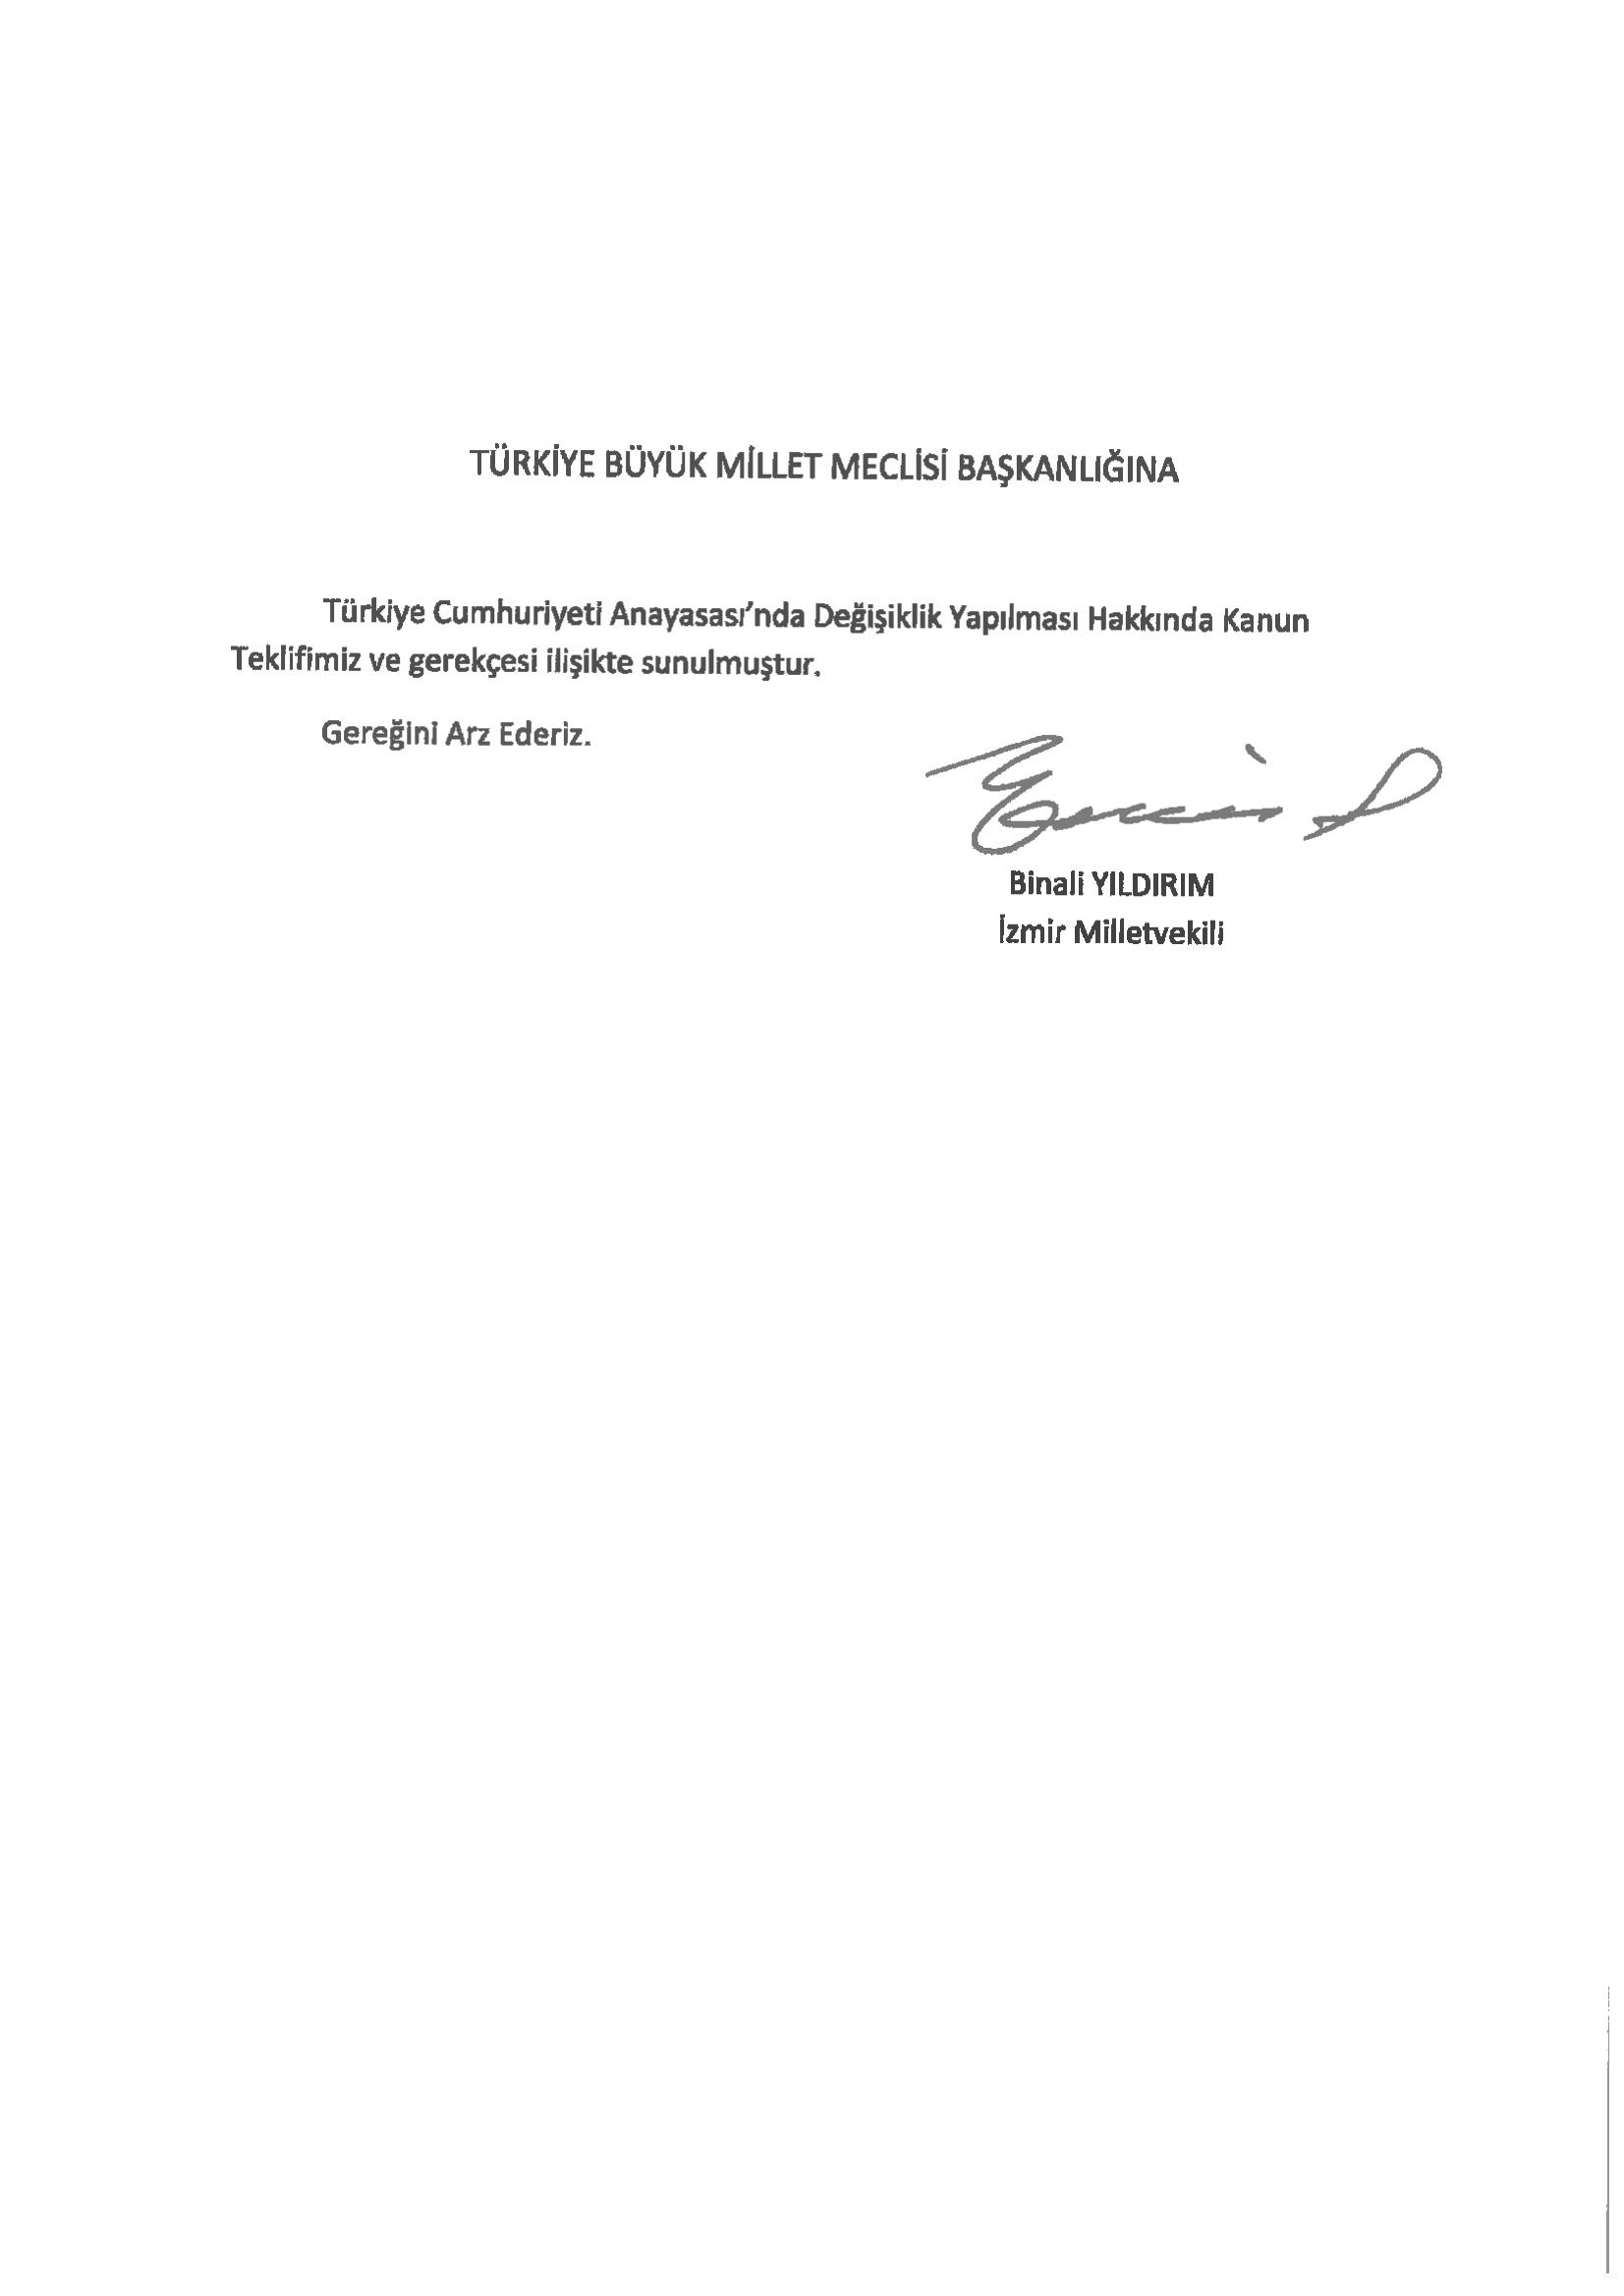 21 maddelik yeni anayasa değişikliği teklifi